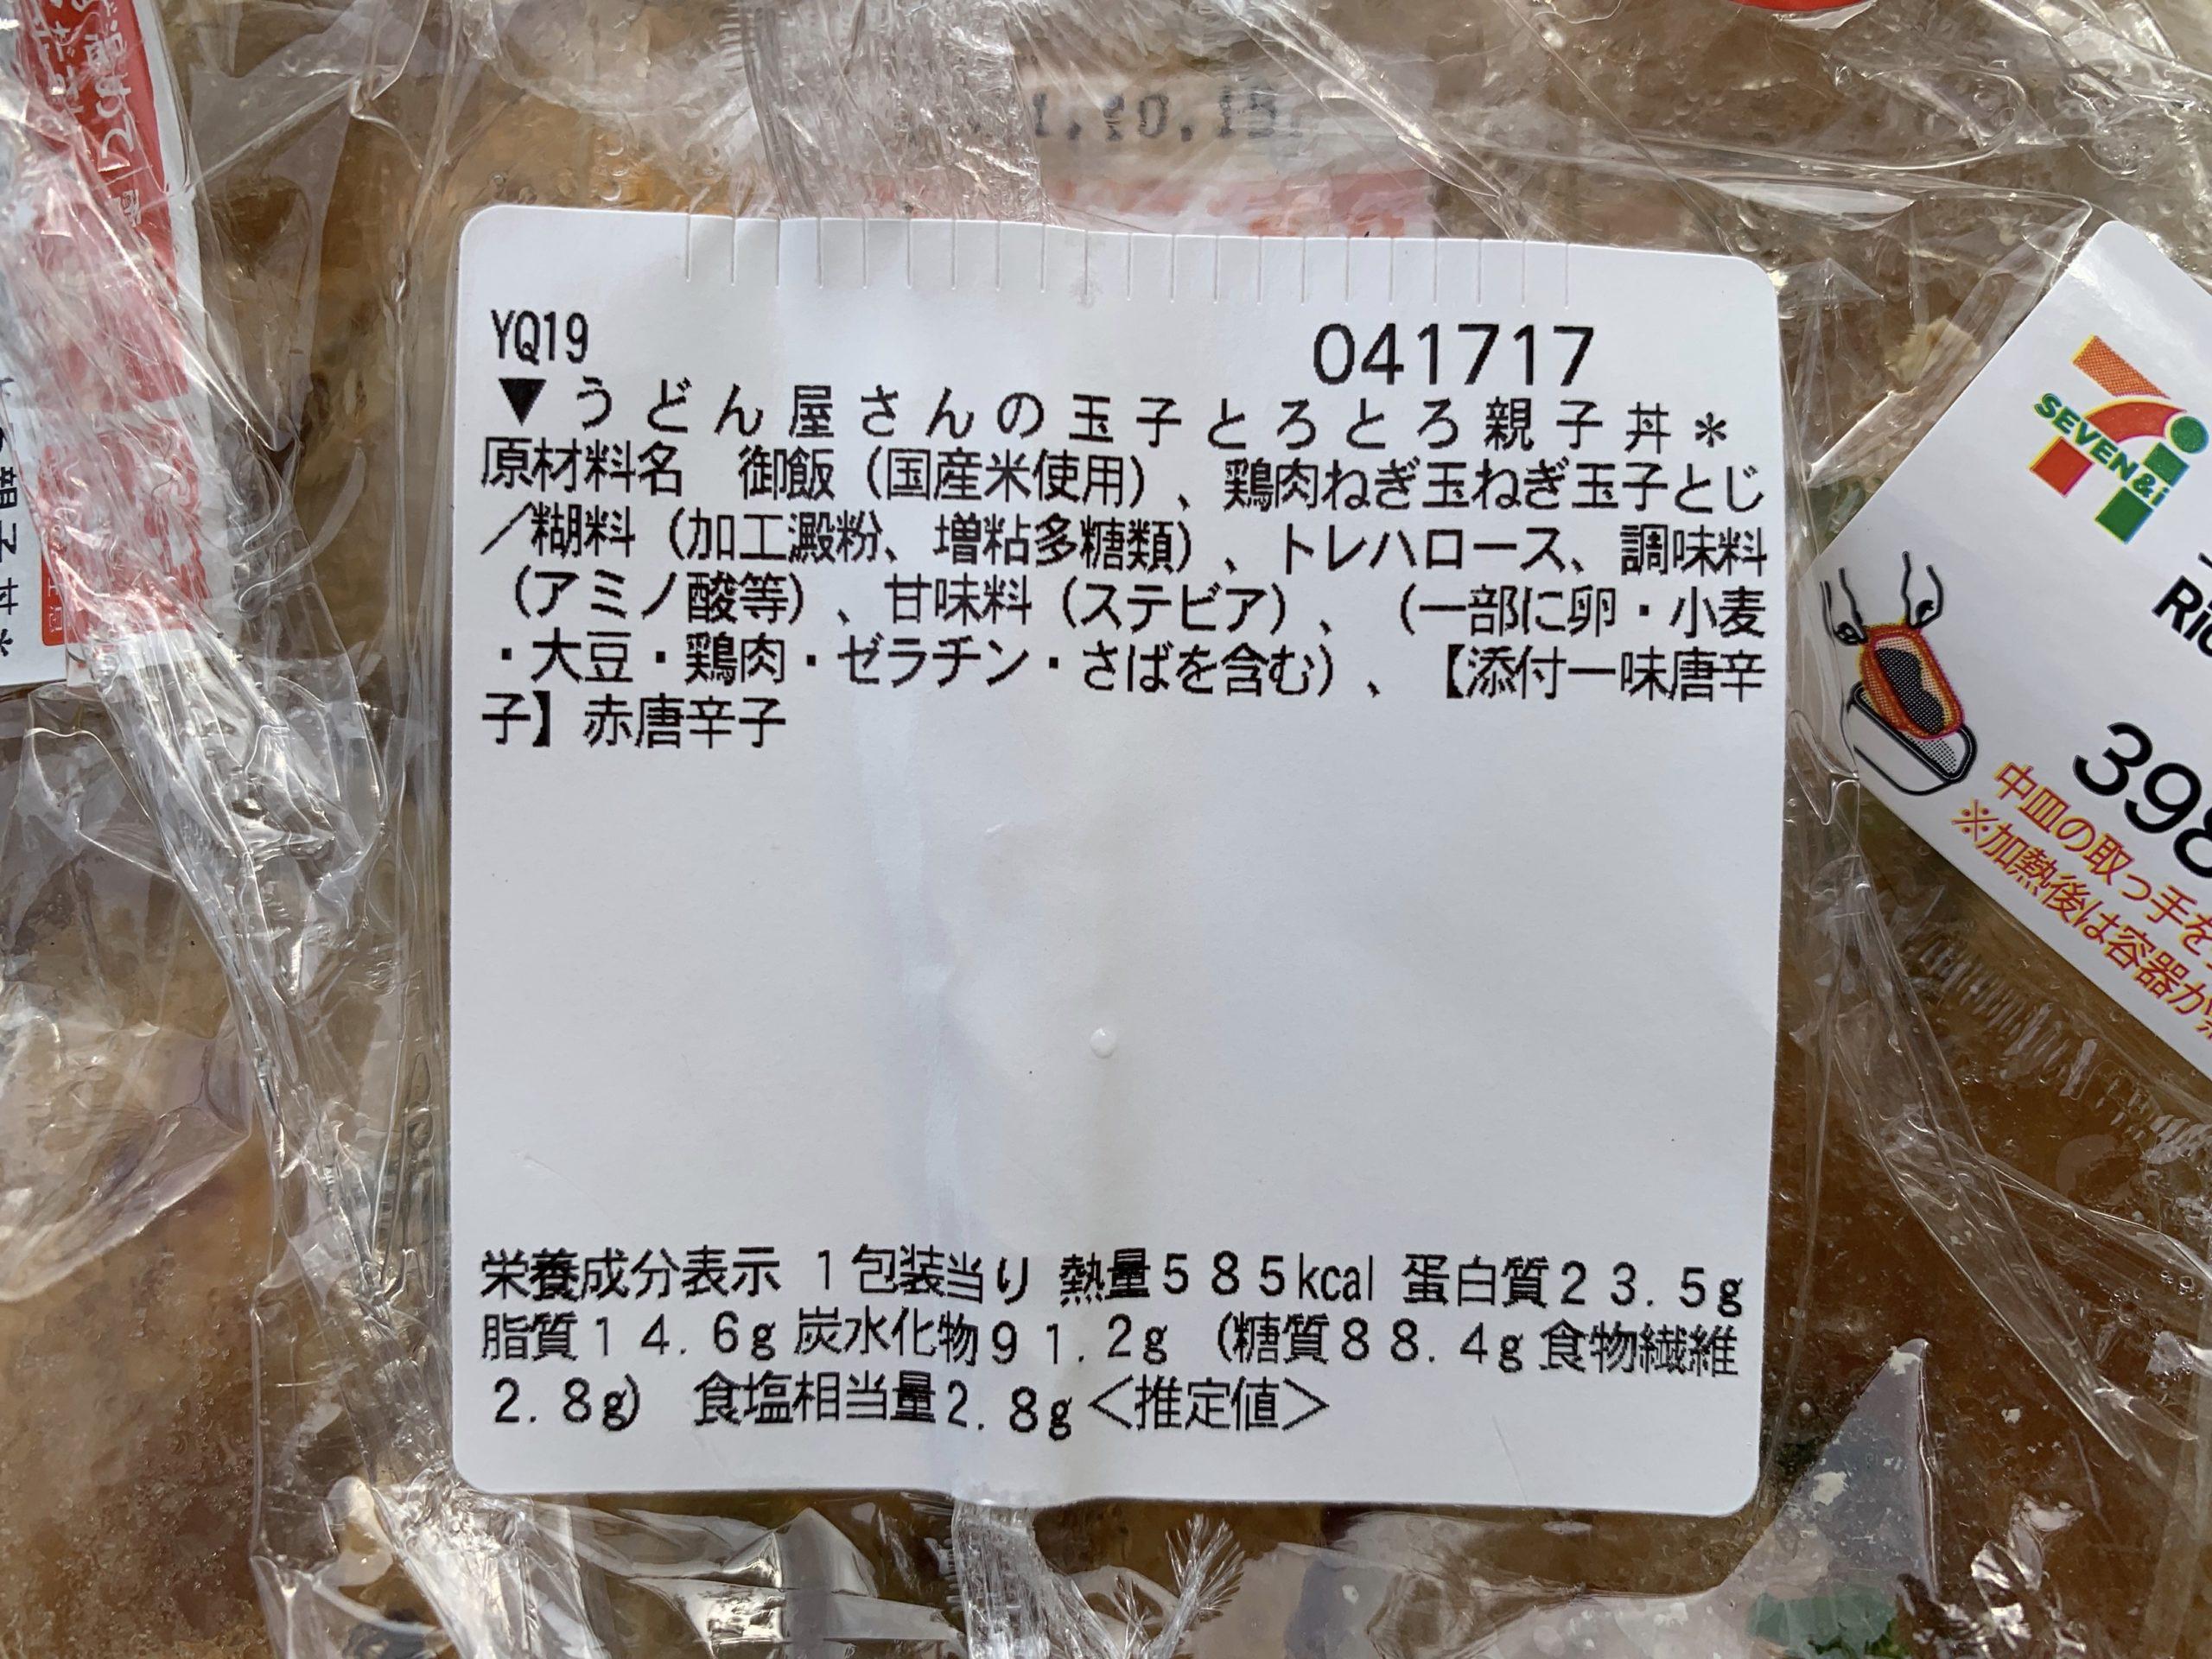 うどん屋さんの玉子とろとろ親子丼の原材料と栄養成分